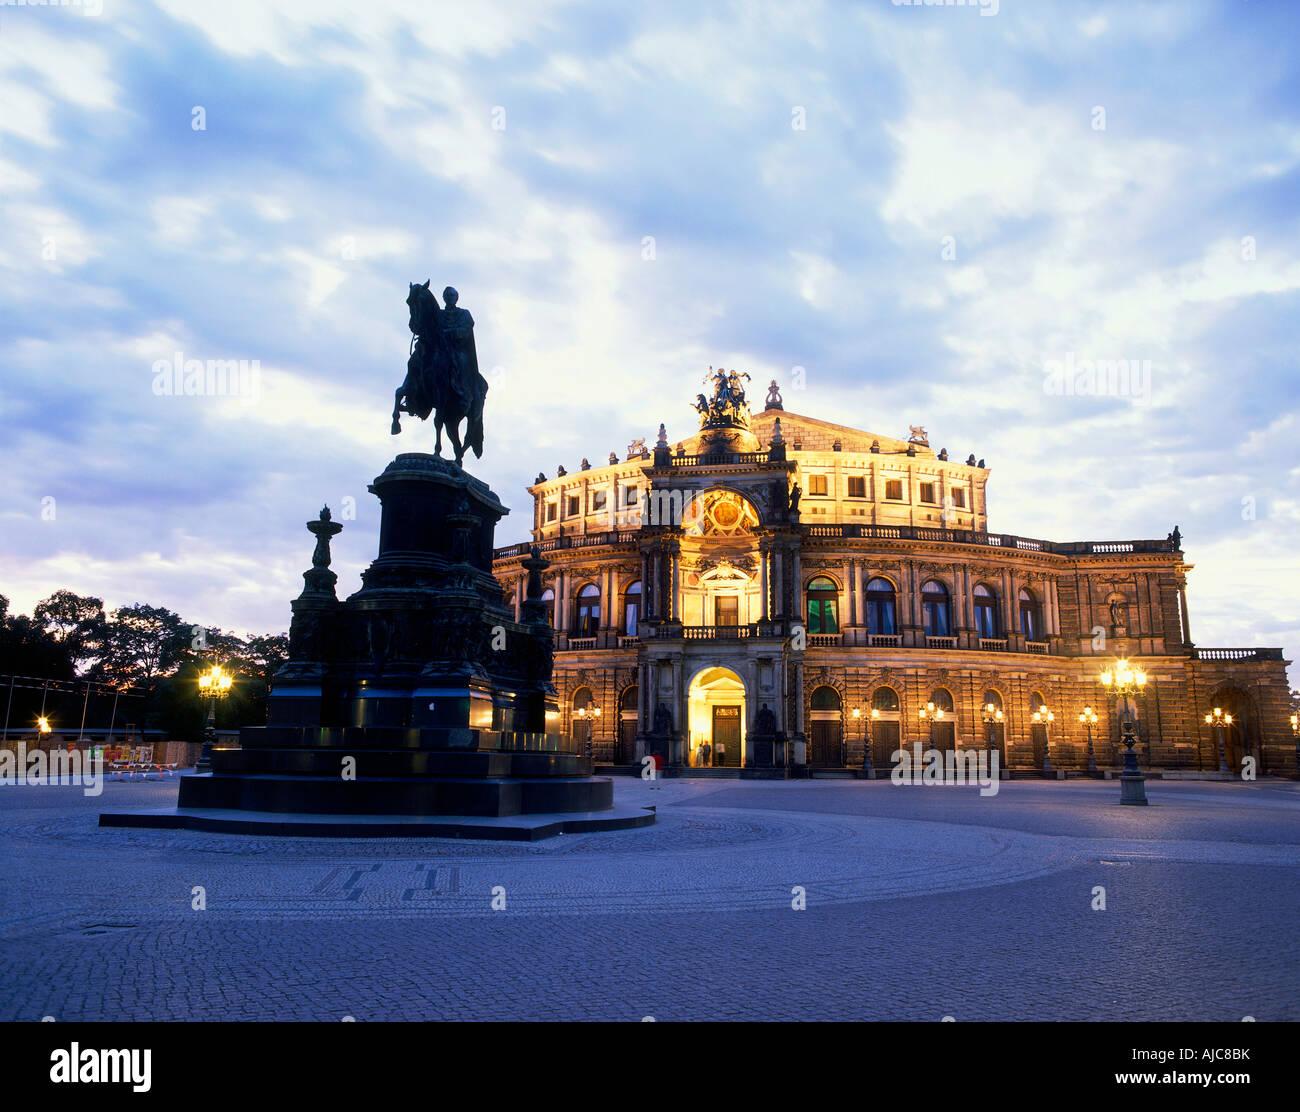 beleuchtete Semperoper Dämmerung Sachsen Dresden Deutschland | illuminated Semper opera at dawn Dresden Saxony - Stock Image